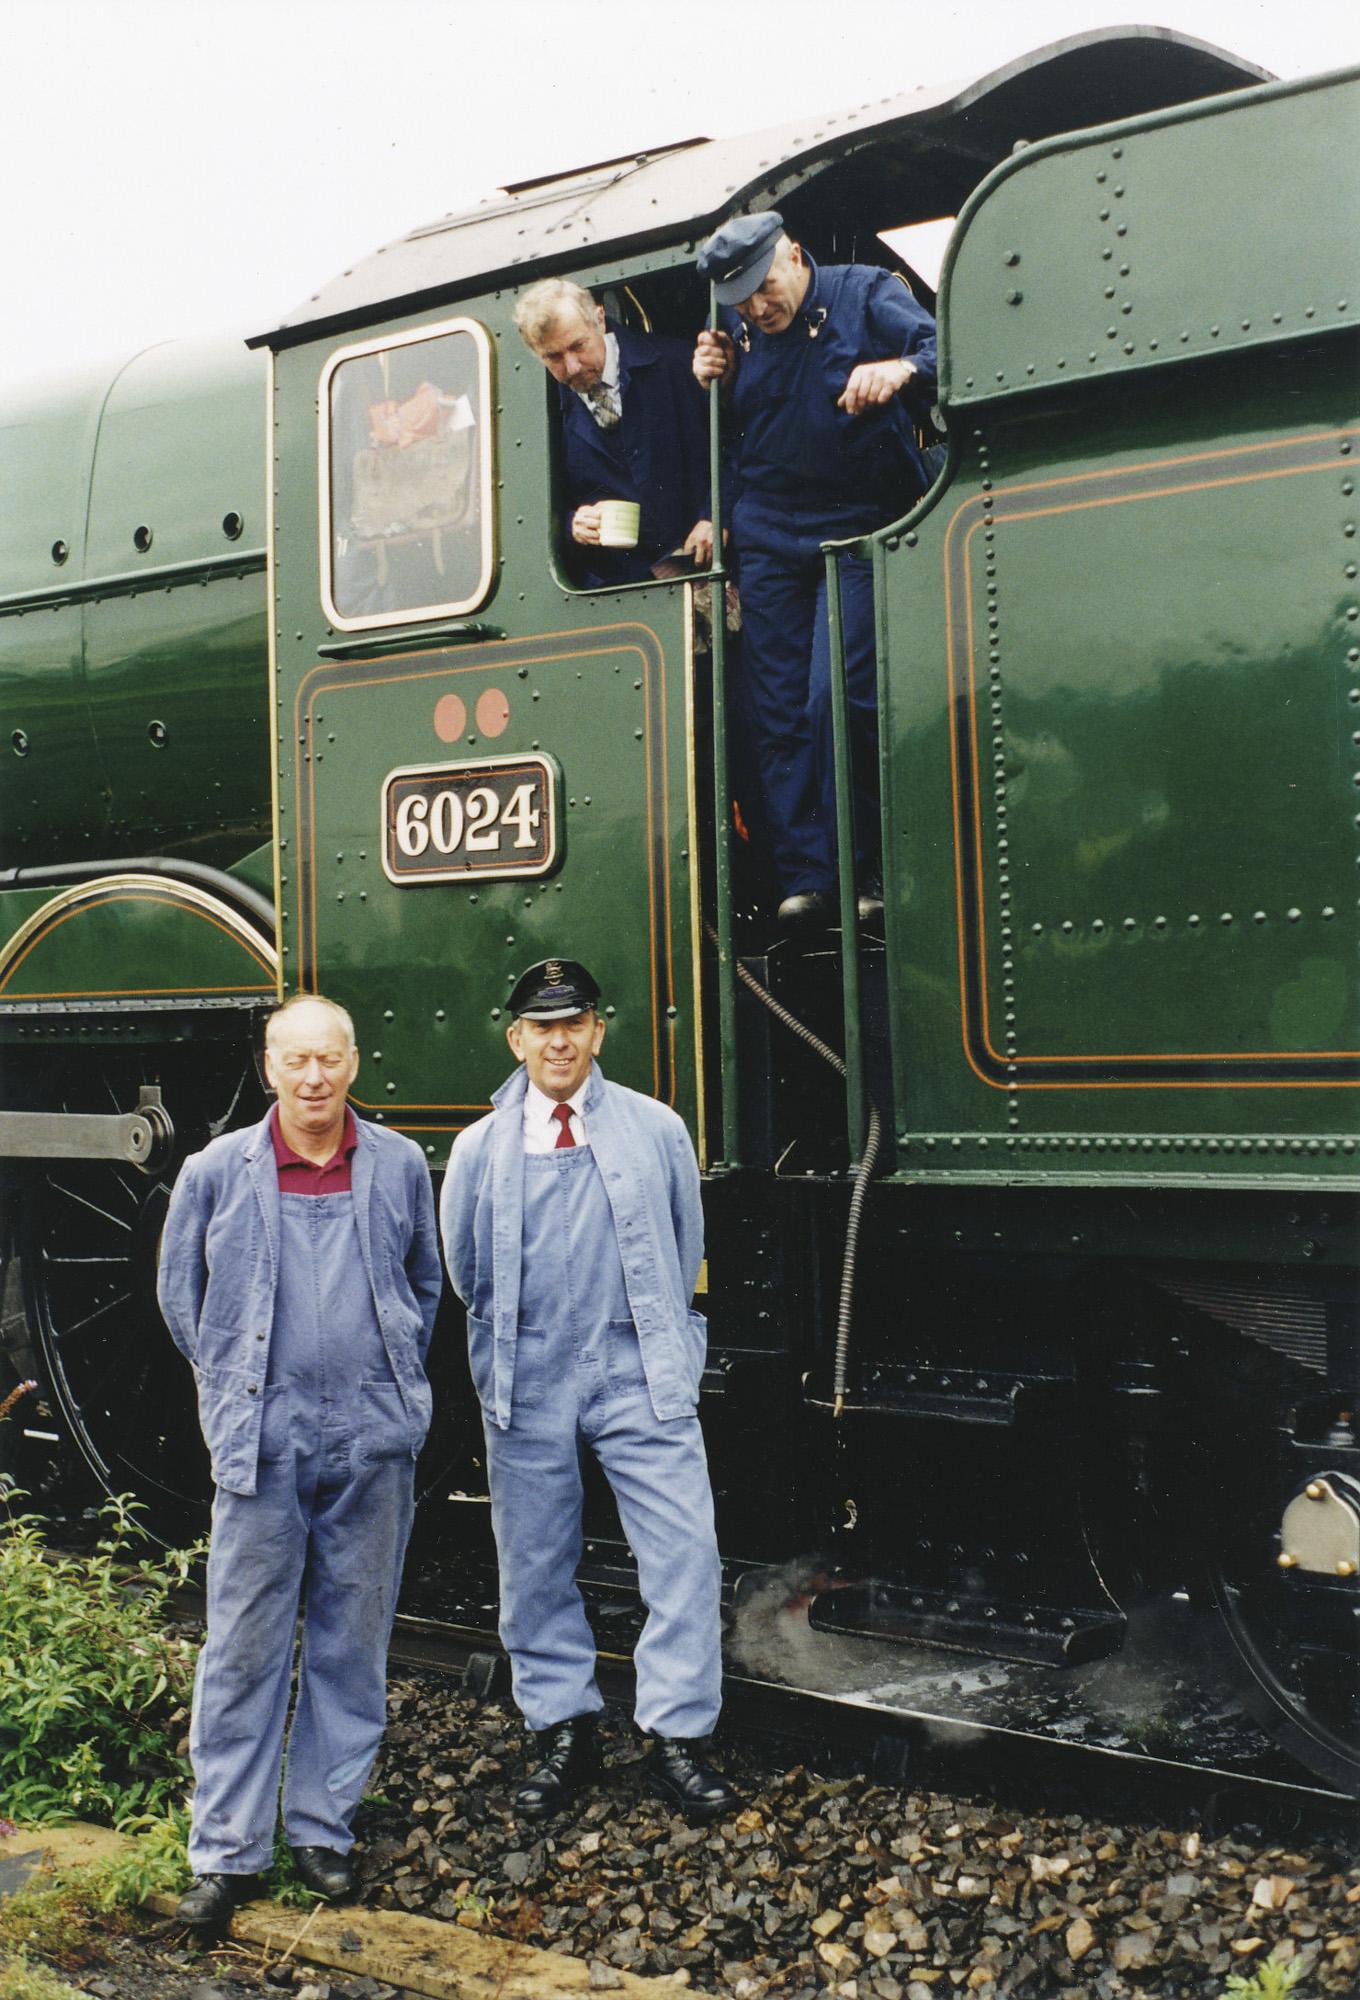 Geoff Ewans and Brian Dudley-Ward. © Bob Robson/6024PS Ltd